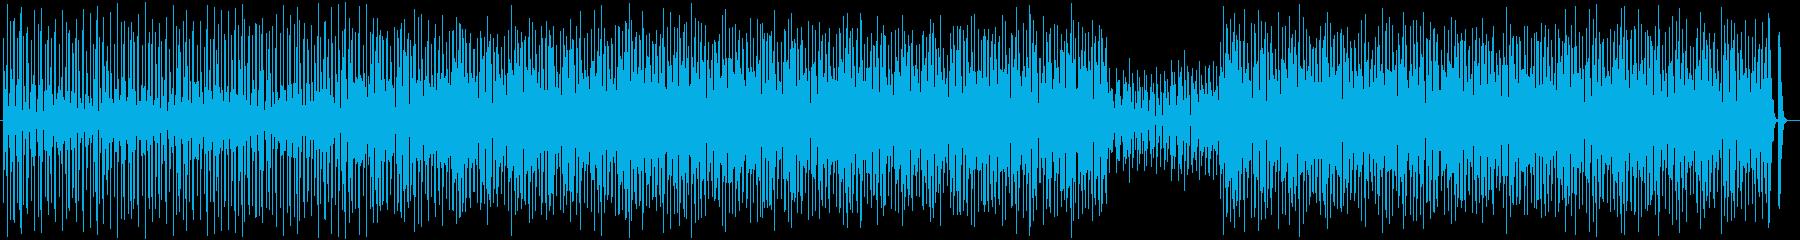 Cute, nimble, happy, ukulele, whistling's reproduced waveform